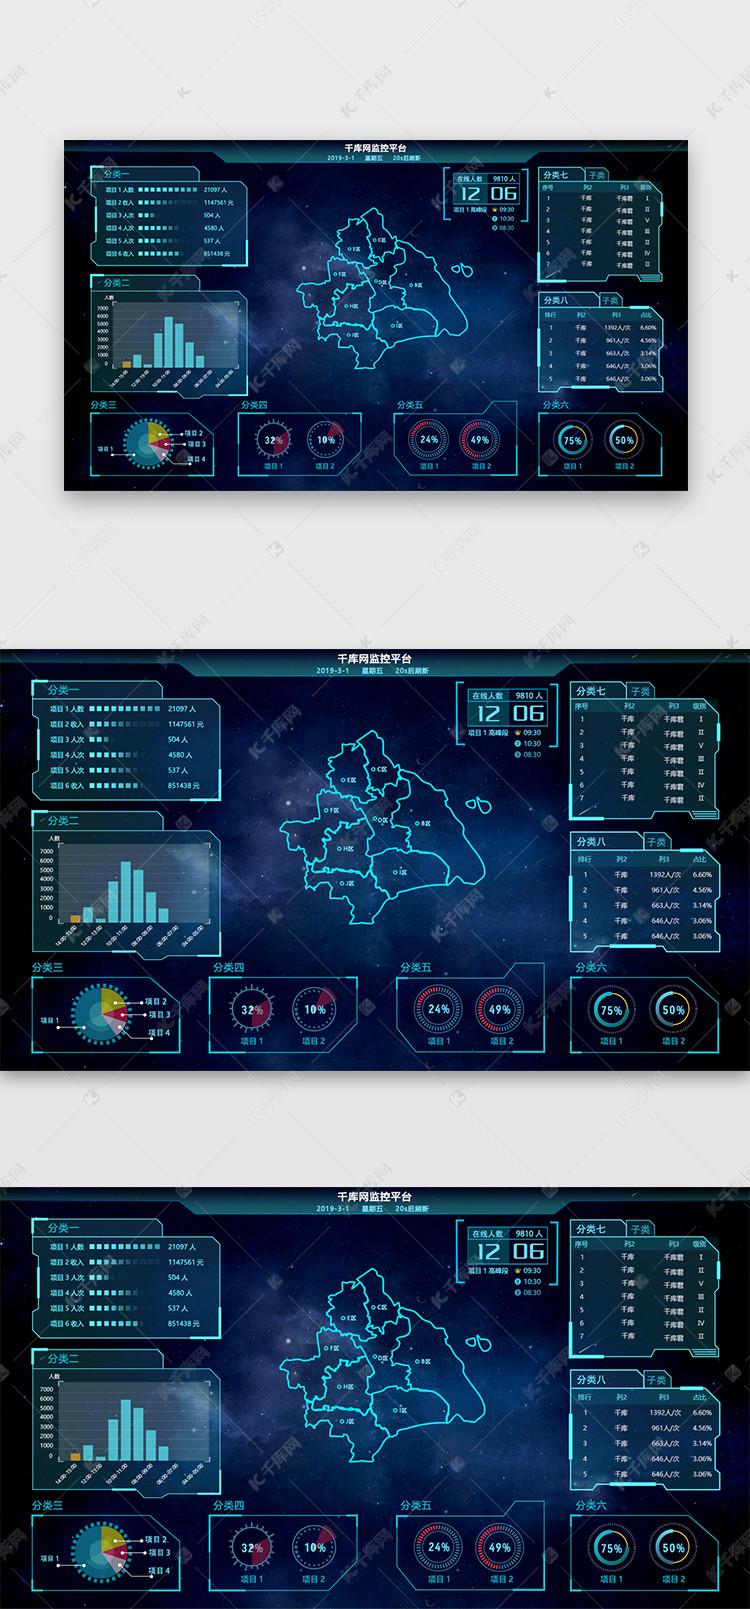 深蓝色页面可视化数据UIv页面心icon绘制图片